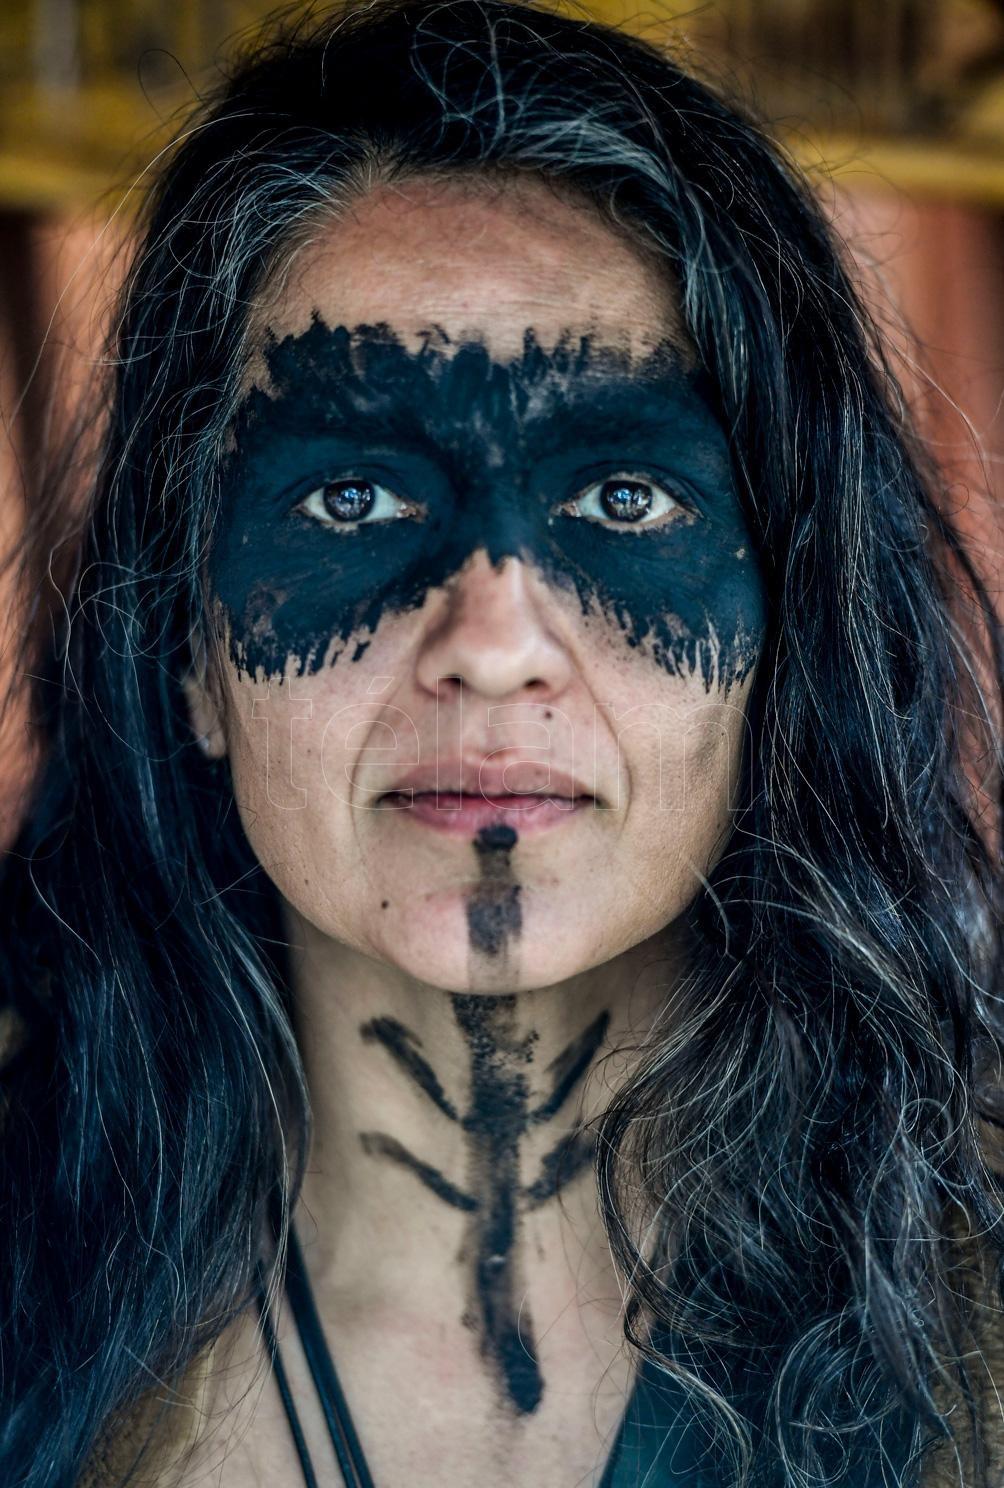 Las series históricas nórdicas influyen en la caracterización de los participantes. (Foto: Fernando Gens)